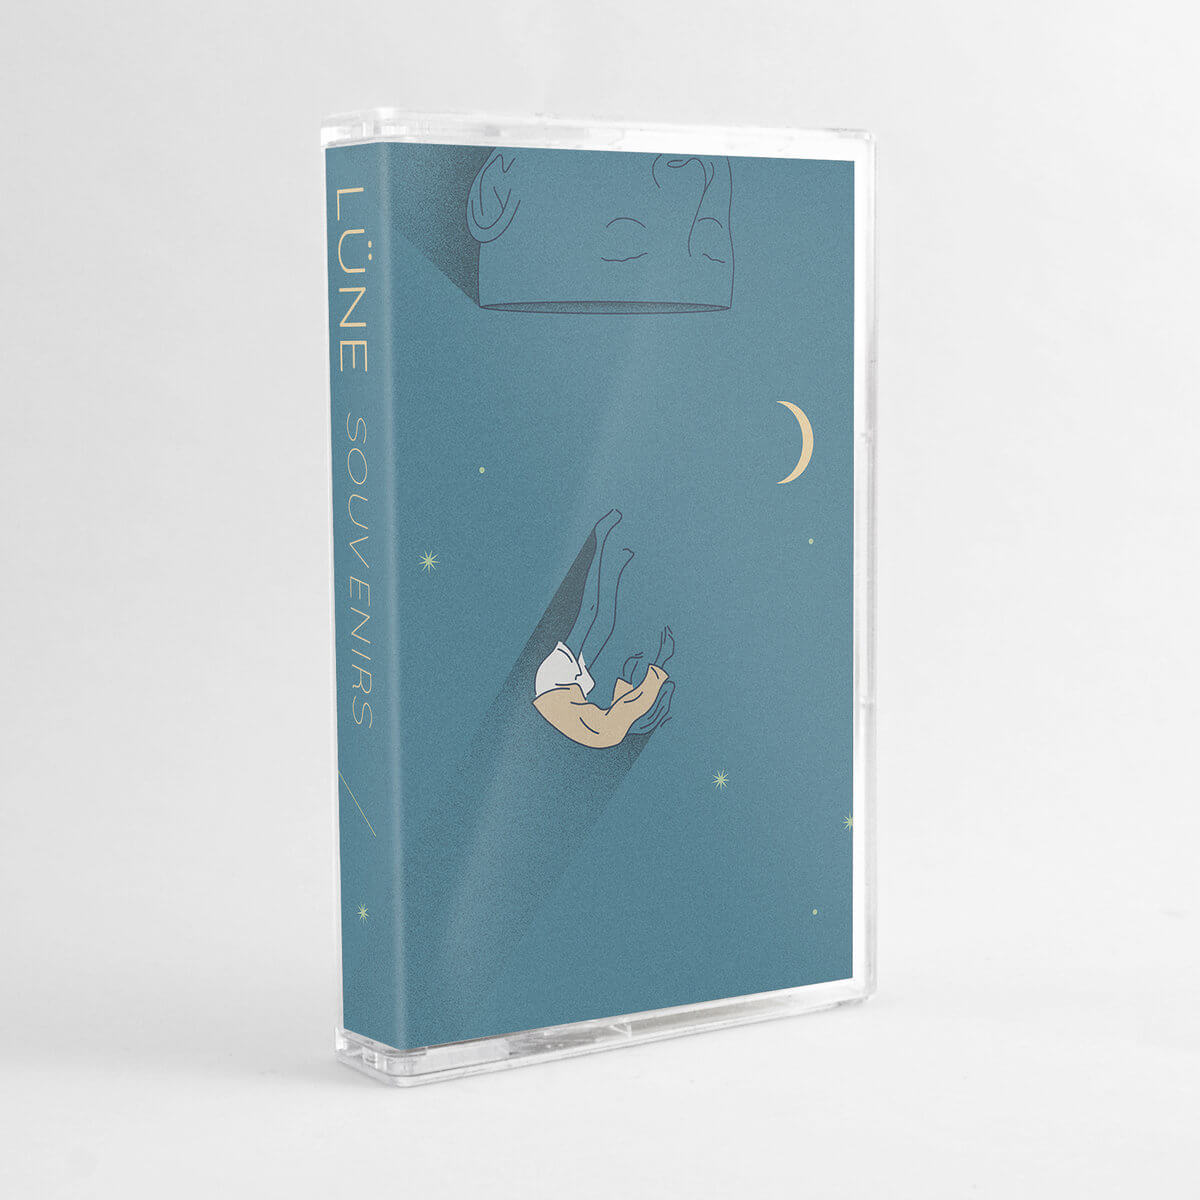 Souvenirs by LÜNE (Limited Edition Cassette Pre-Order) 1